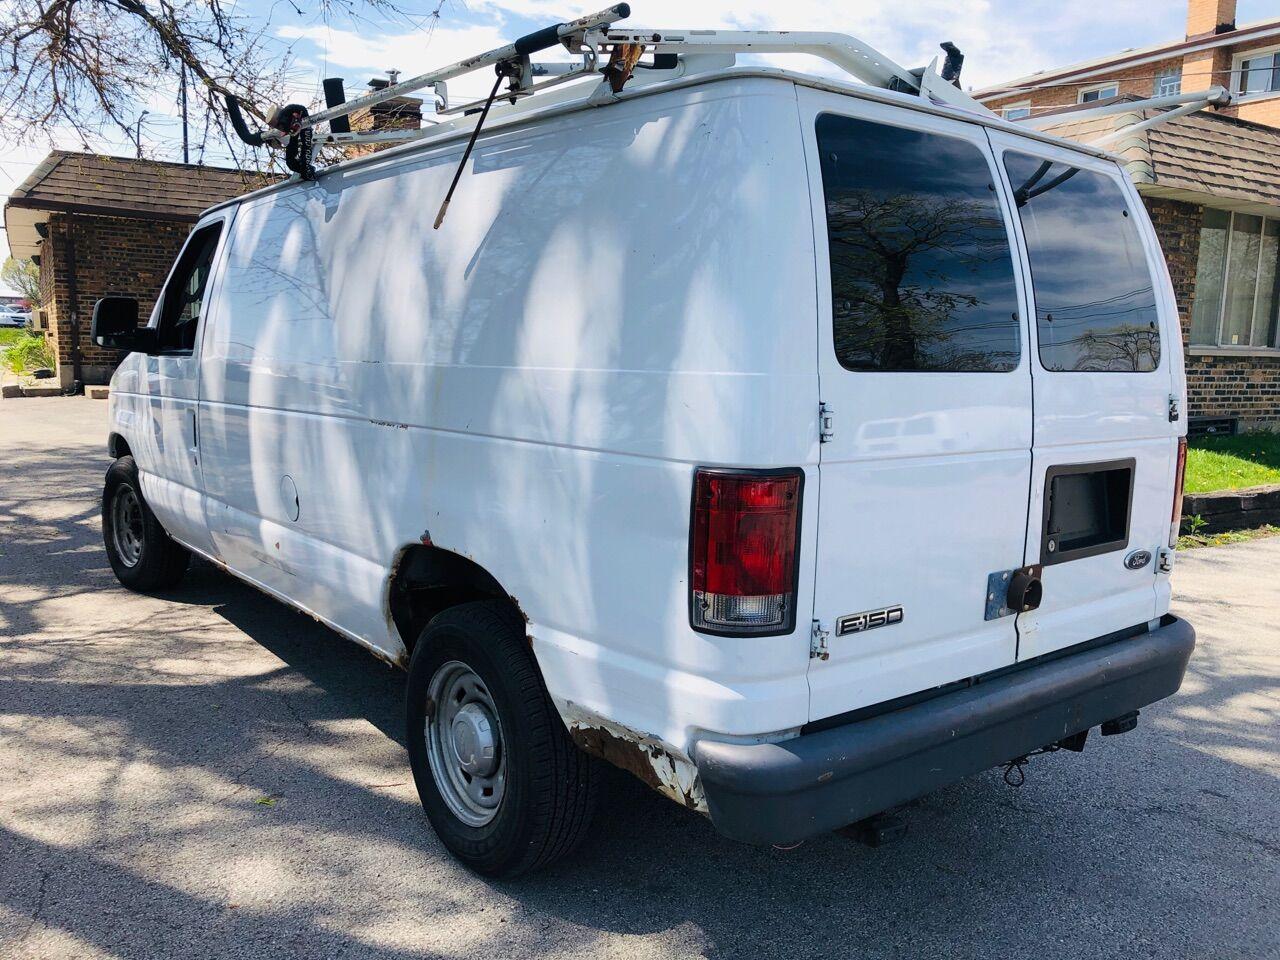 White 2006 FORD E-SERIES CARGO for sale in Bridgeview, IL Photo 3